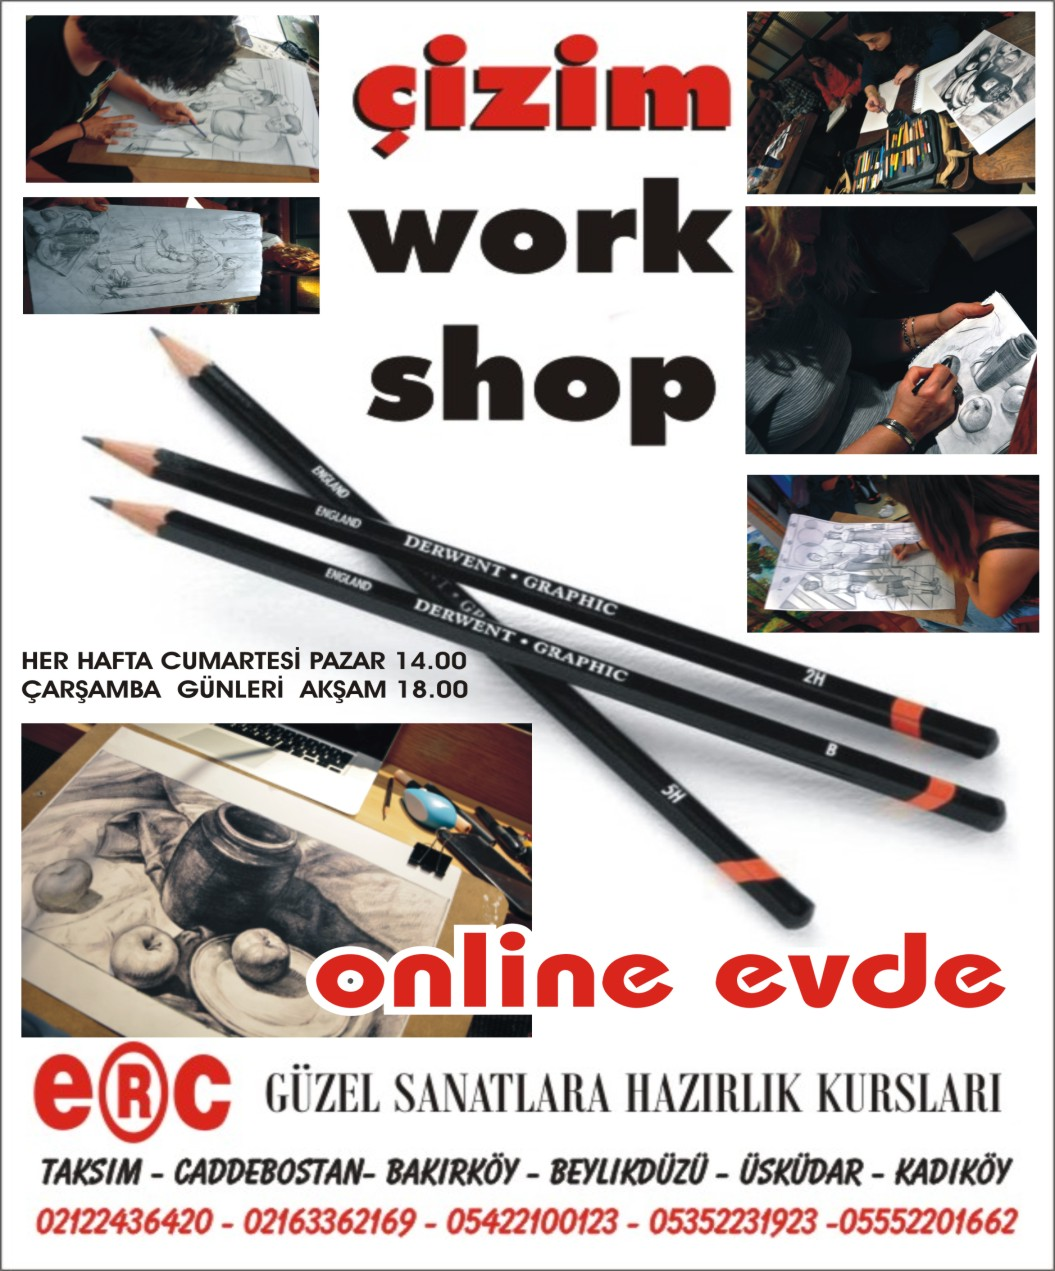 ÇİZİM WORKSHOP güzel sanatlara hazırlık geniş